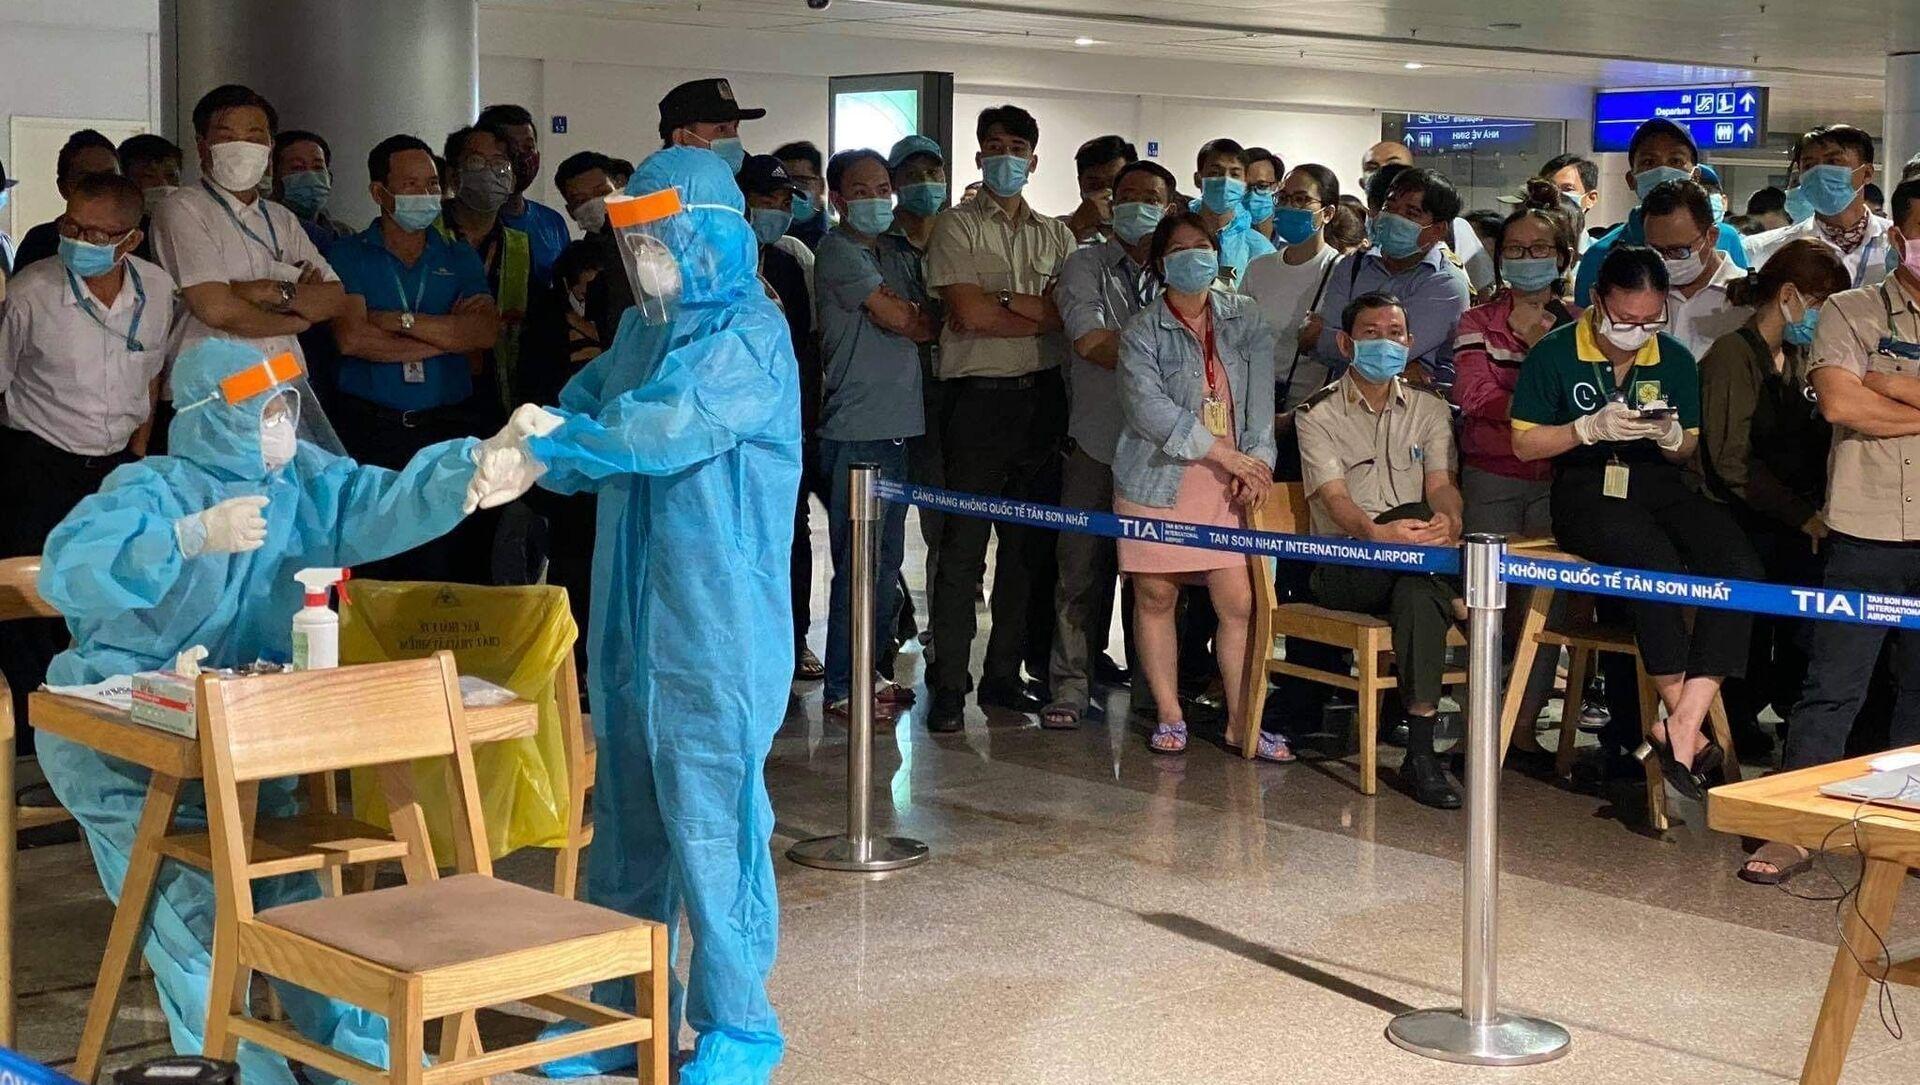 Nhân viên y tế làm thủ tục lấy mẫu xét nghiệm cho người làm việc tại sân bay Tân Sơn Nhất, ngày 6/2. - Sputnik Việt Nam, 1920, 30.03.2021